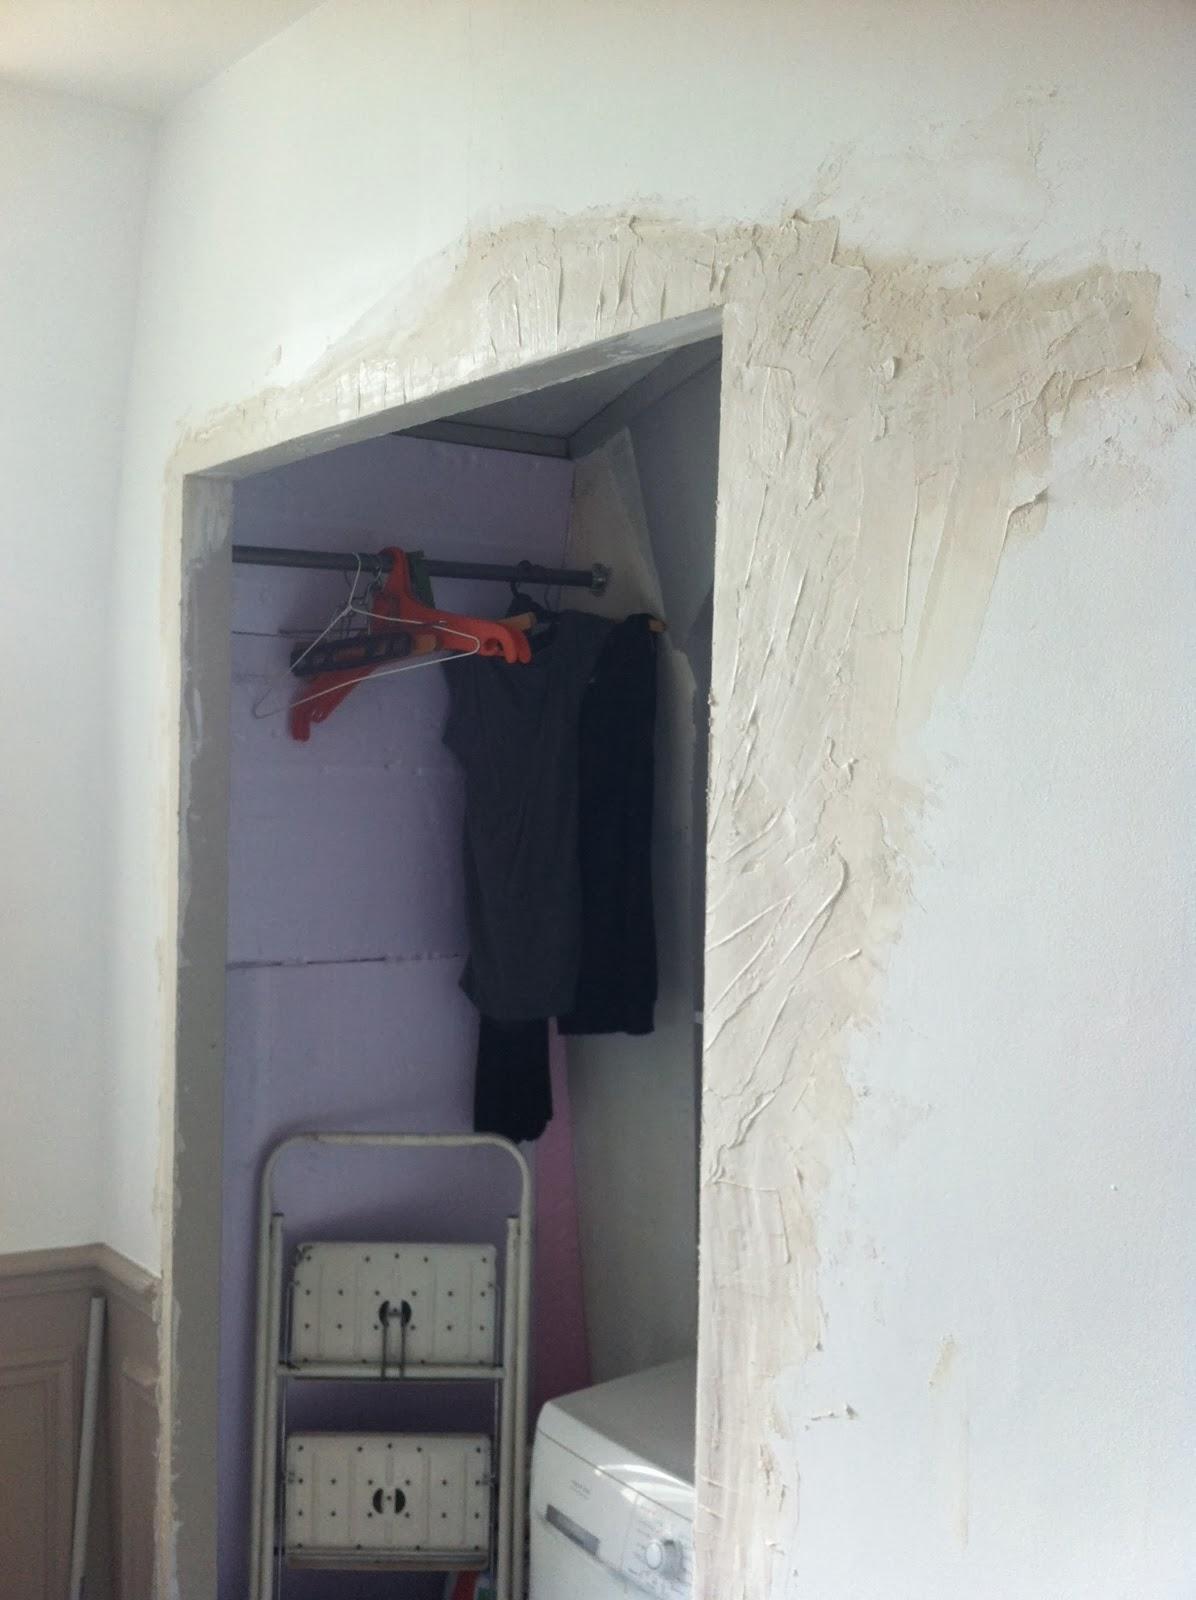 isoler les murs, éviter l'humidité dans un cagibi ou dressing